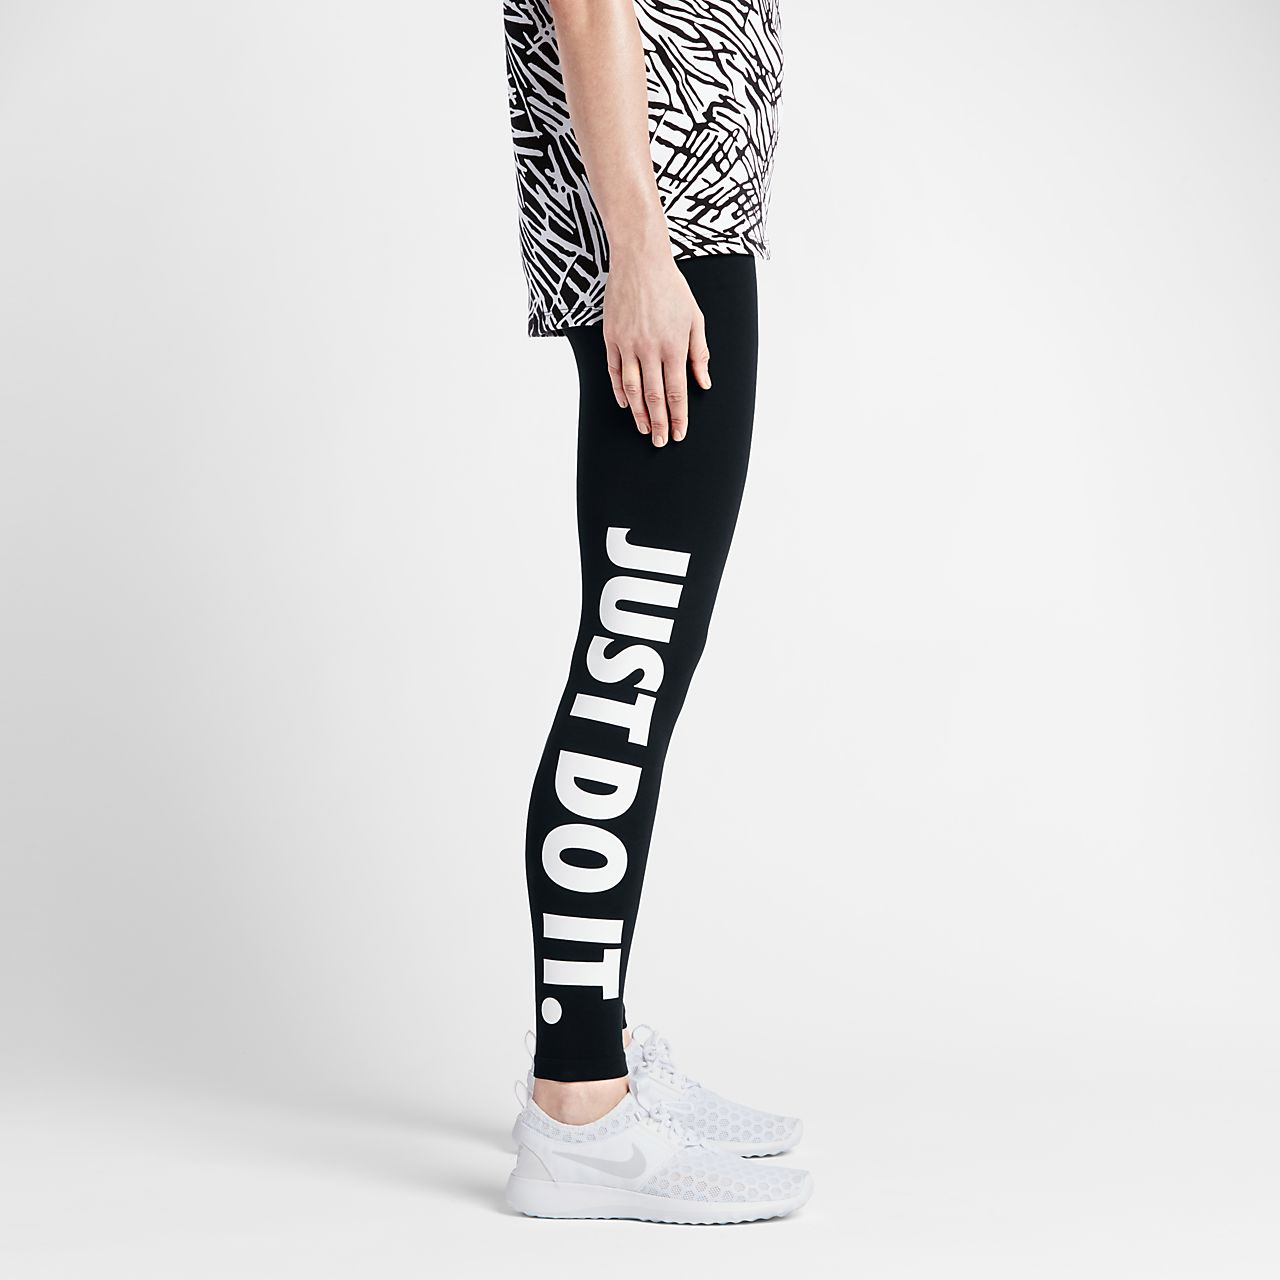 half off 58037 f6297 ... Nike Sportswear Leg-A-See Women s Leggings